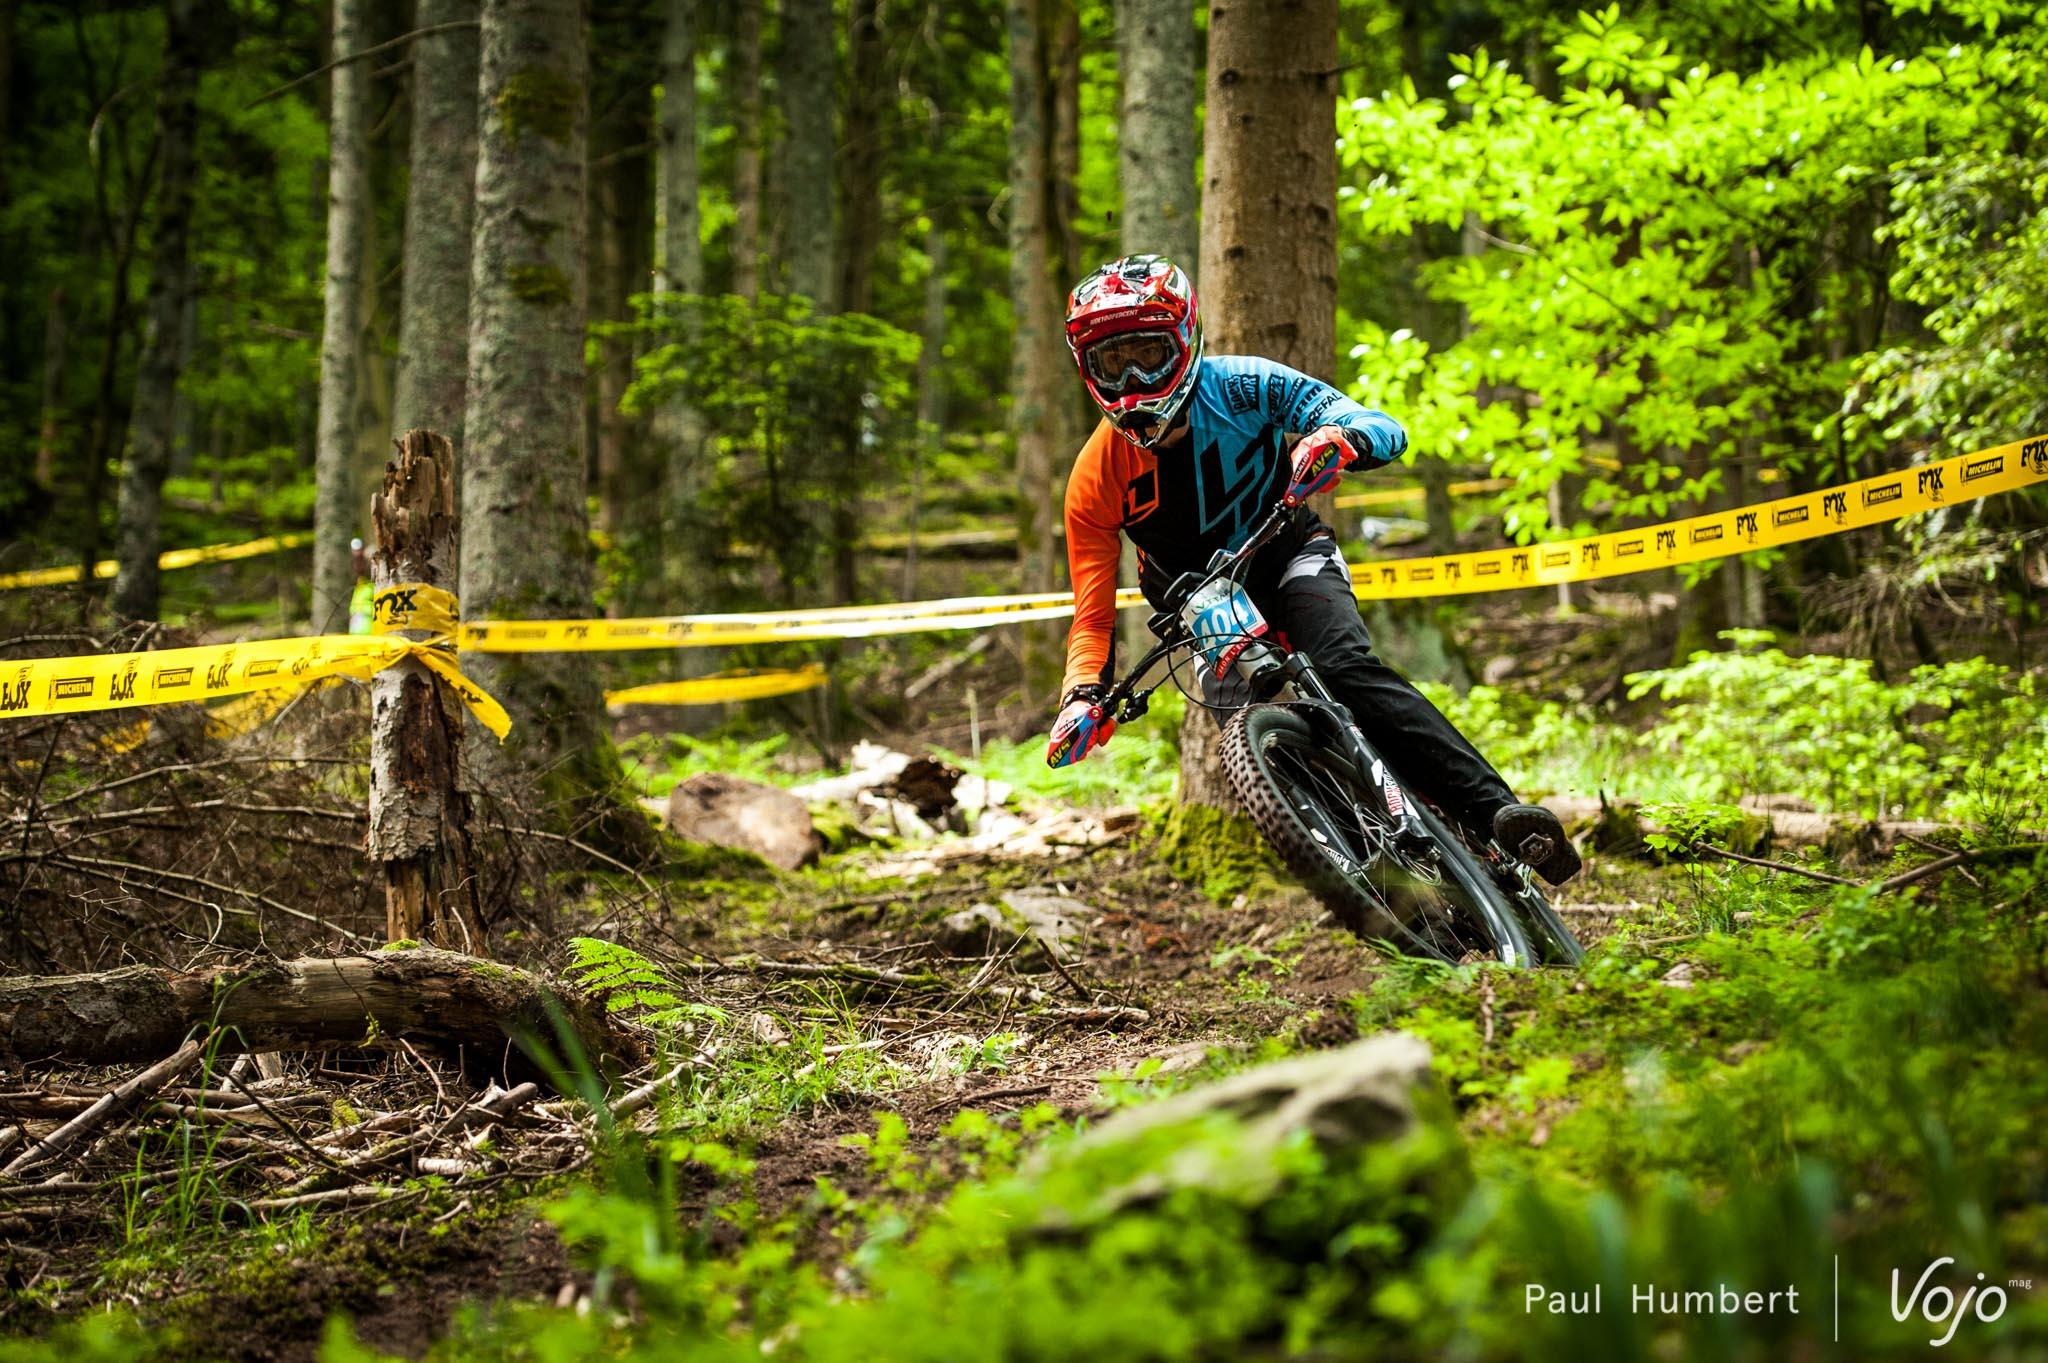 Raon-l-etape-vojo-2016-paul-humbert-7